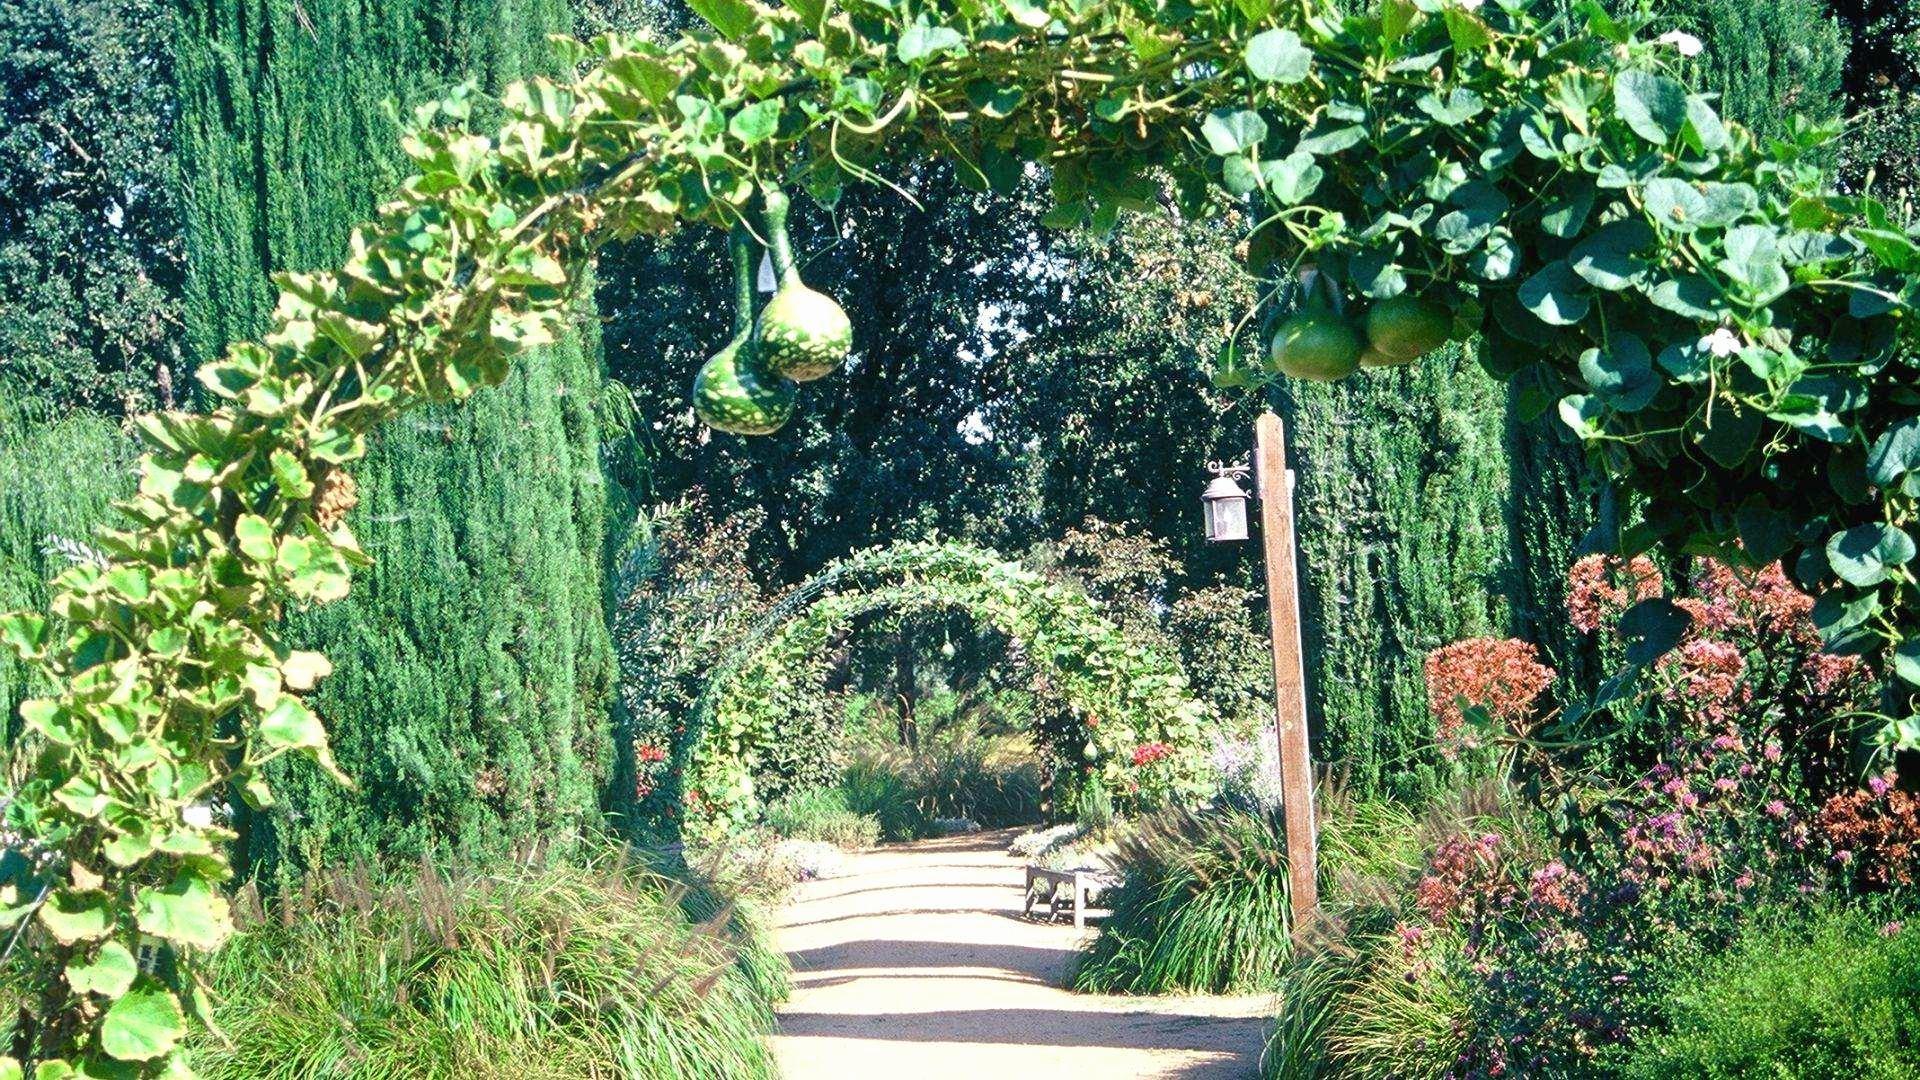 caniveau de douche nouveau jardin wallpapers awesome caniveau cuisine elegant douche jardin of caniveau de douche